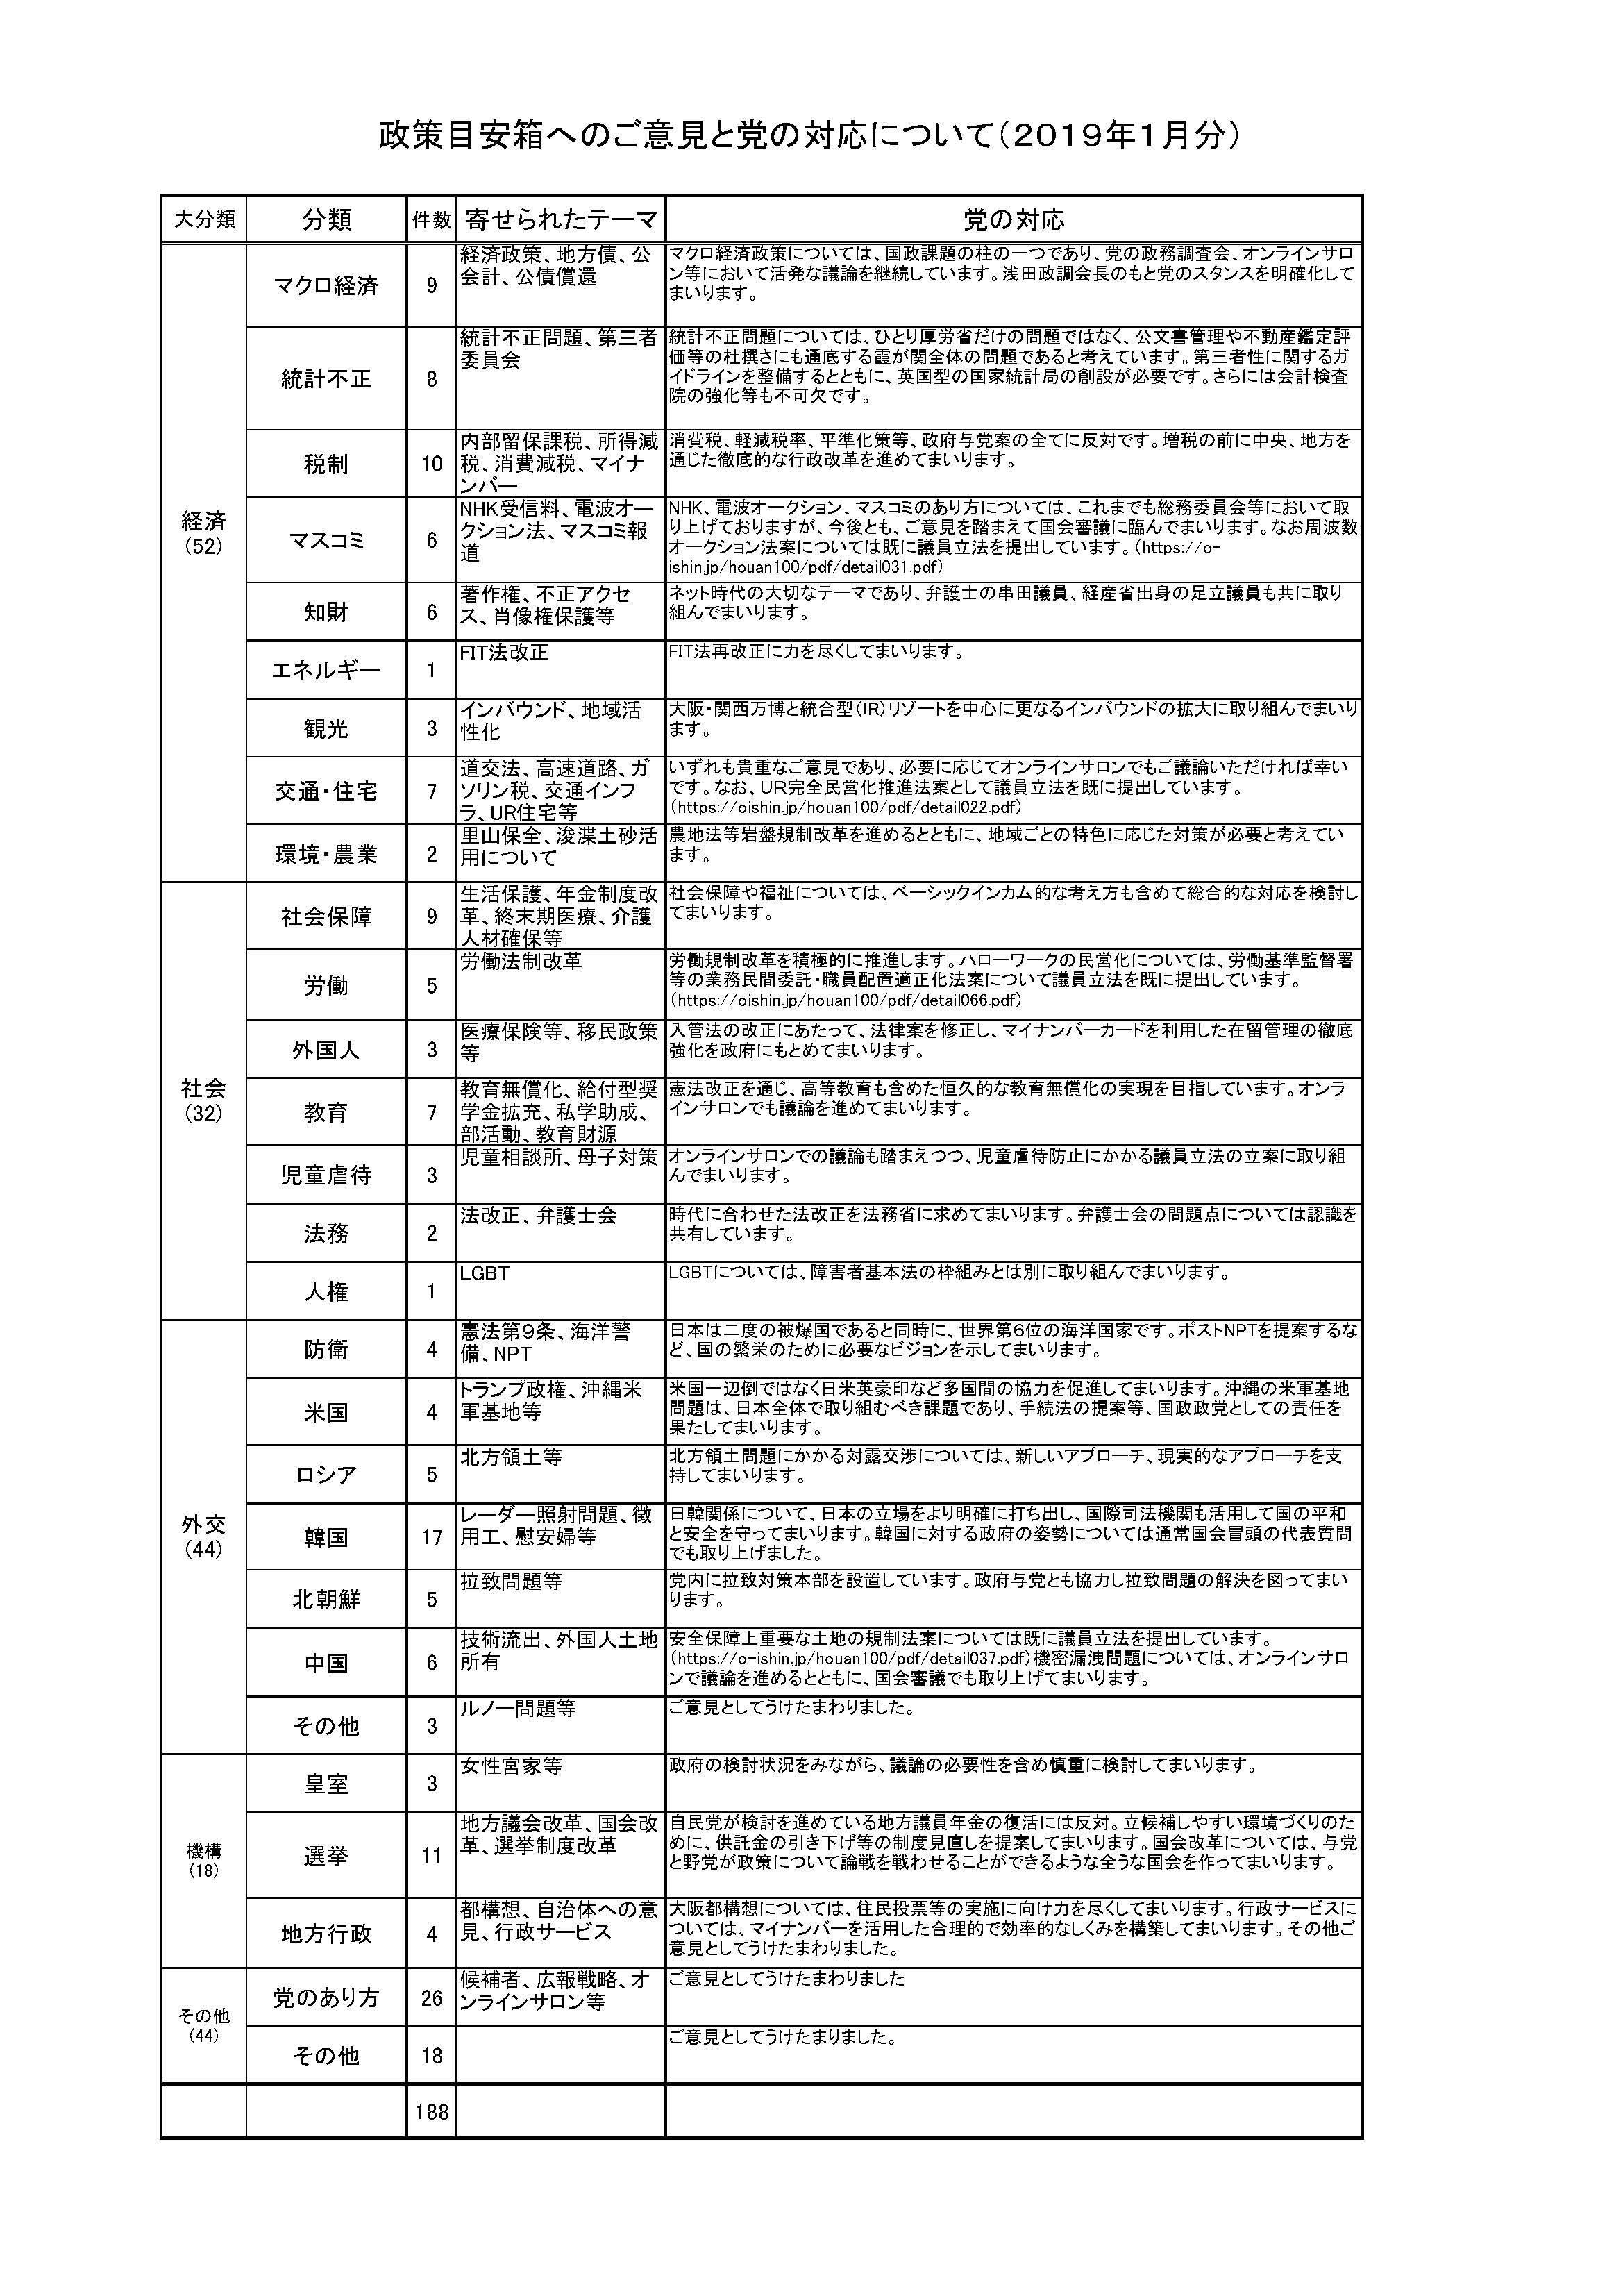 2019年2月21日(木)政策目安箱へのご意見と党の対応について(平成31年2019年1月分)